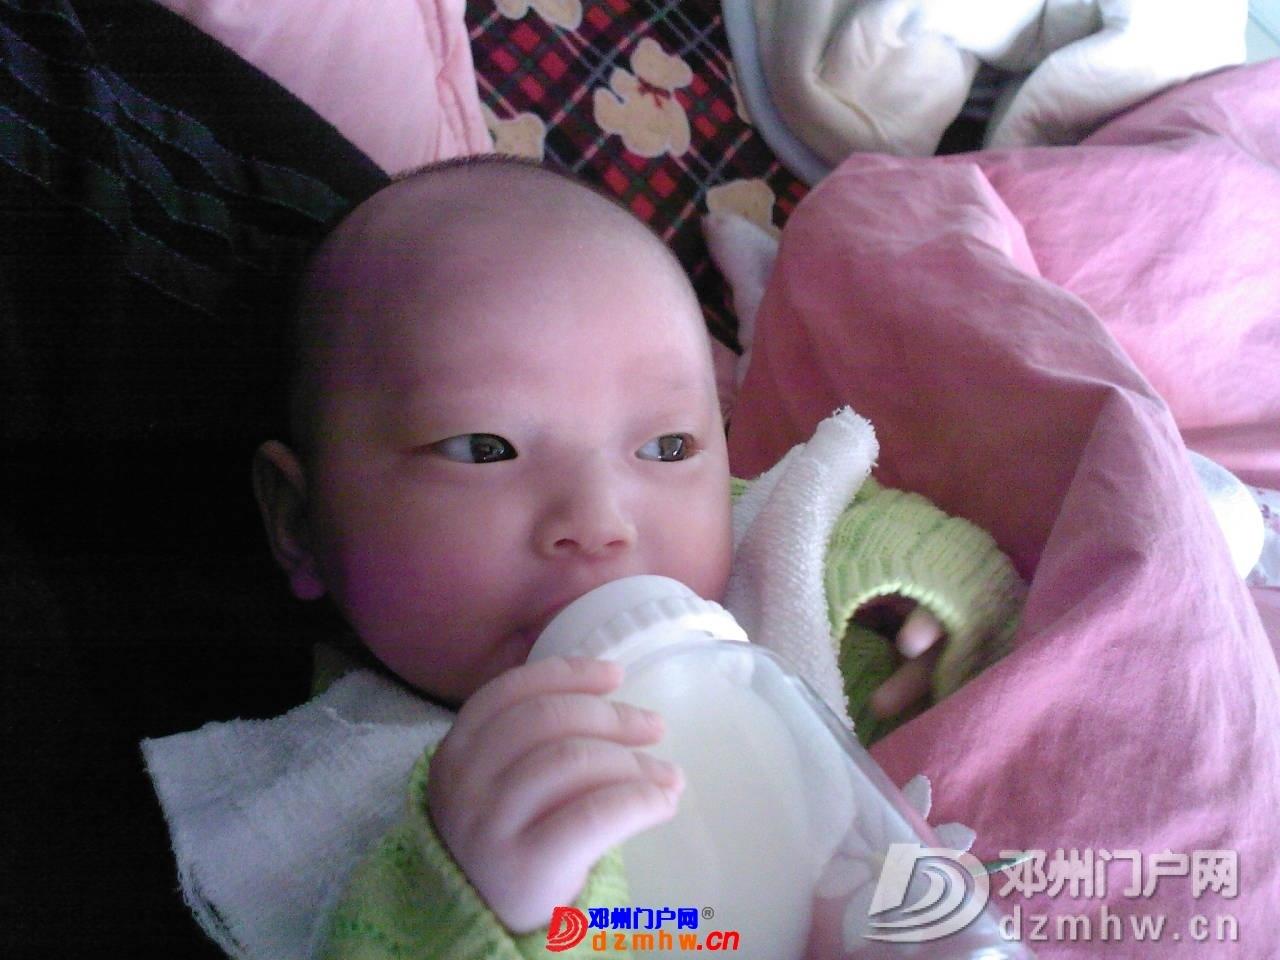 我的宝宝四十六天了,来晒一晒,看谁认识,呵呵 - 邓州门户网|邓州网 - 1403523qfd76.jpg